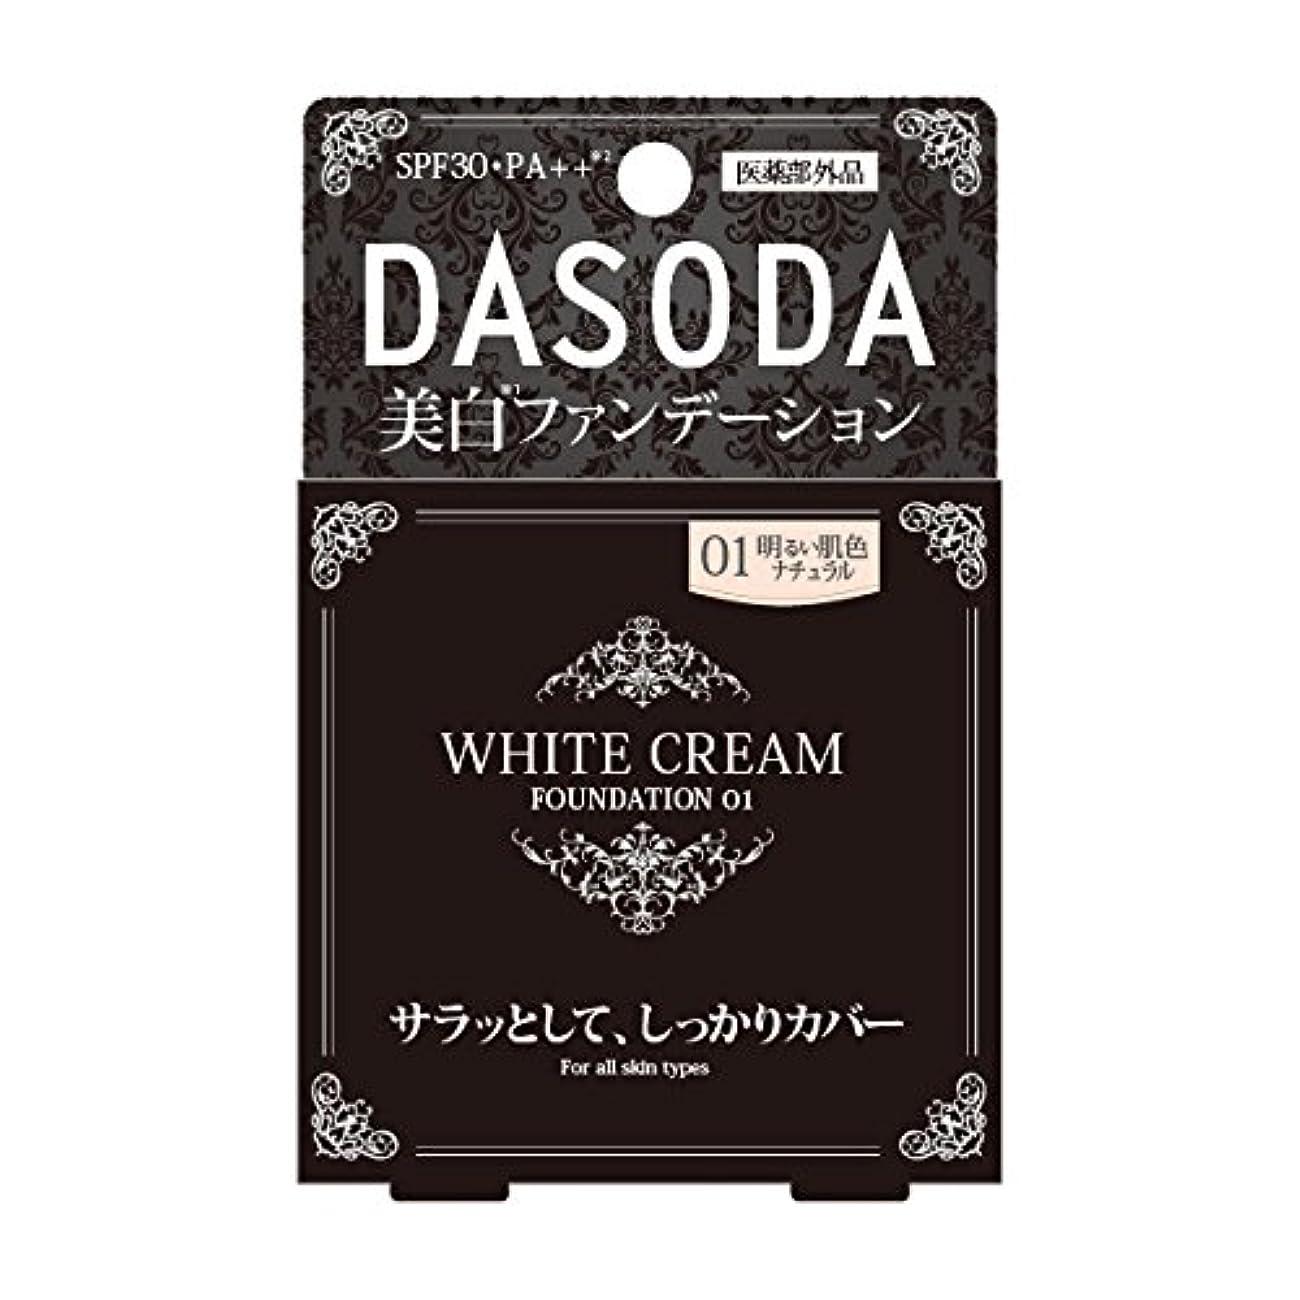 ダソダ エフシー ホワイトクリームファンデーション 01 ナチュラル 8g